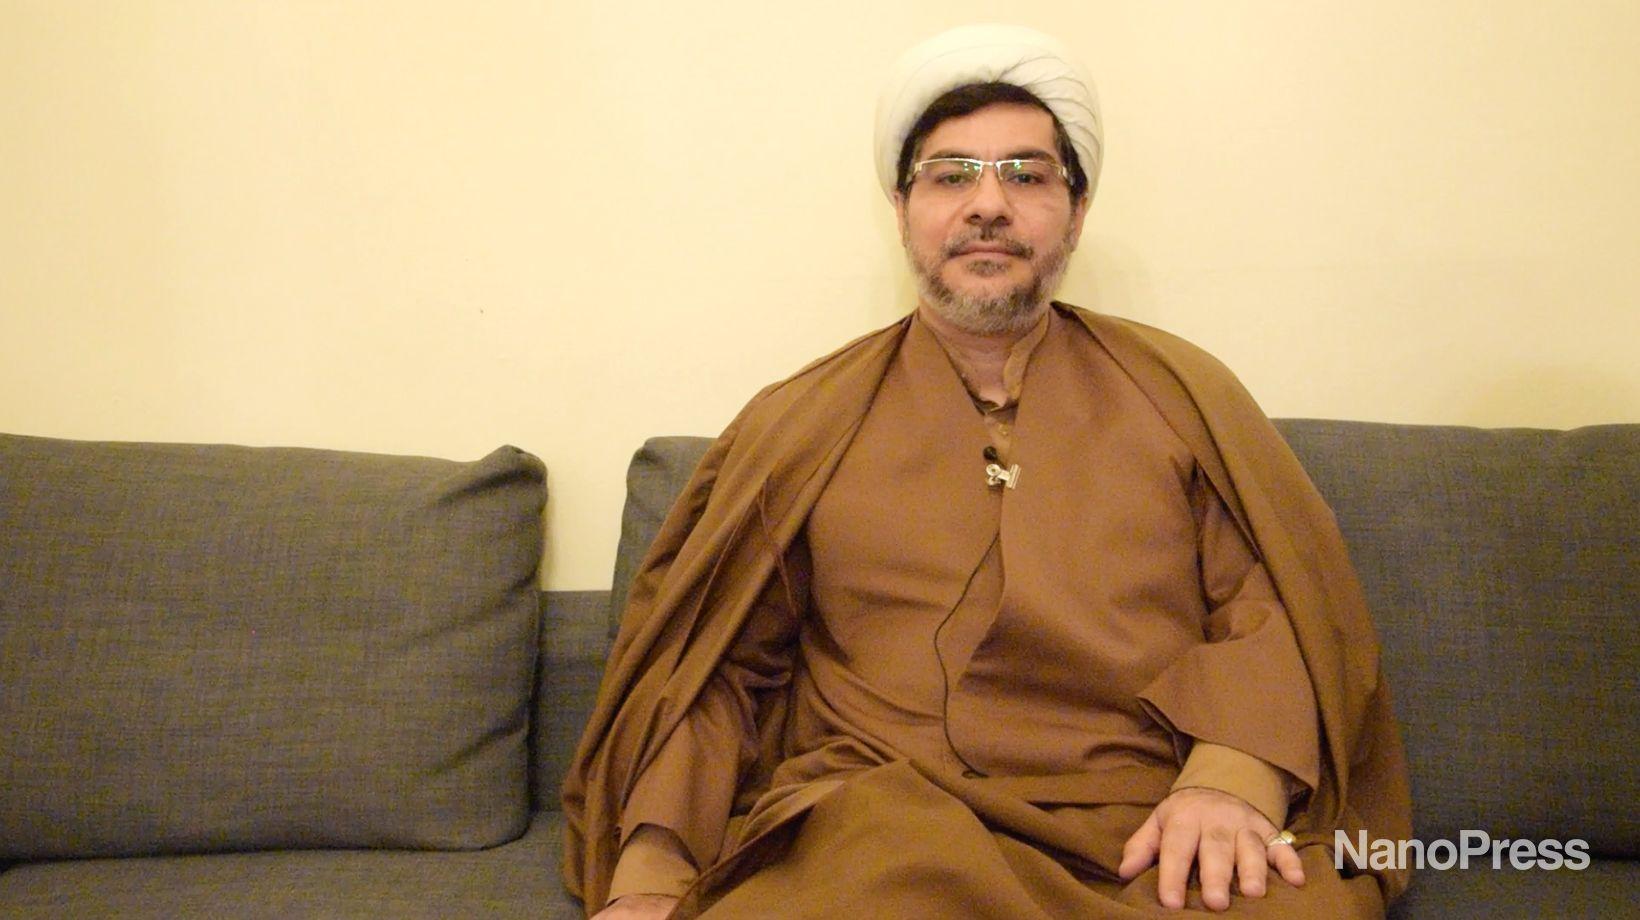 L'Islam è davvero così lontano? Intervista all'Imam Ali Faeznia